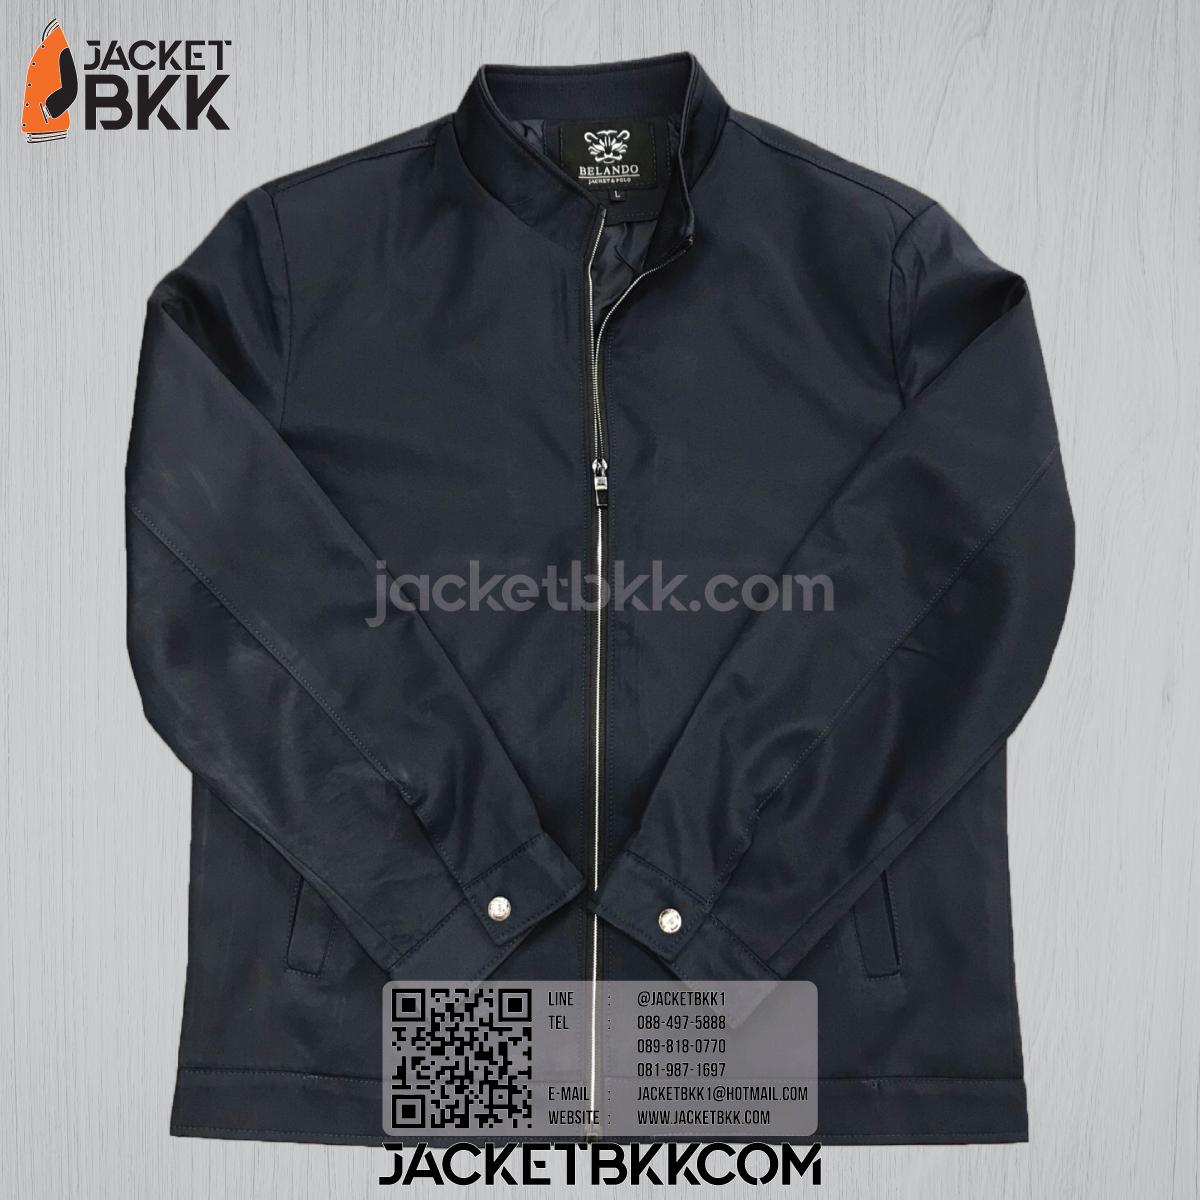 เสื้อแจ็คเก็ตคอจีน นำเข้า สีกรมท่าเข้ม